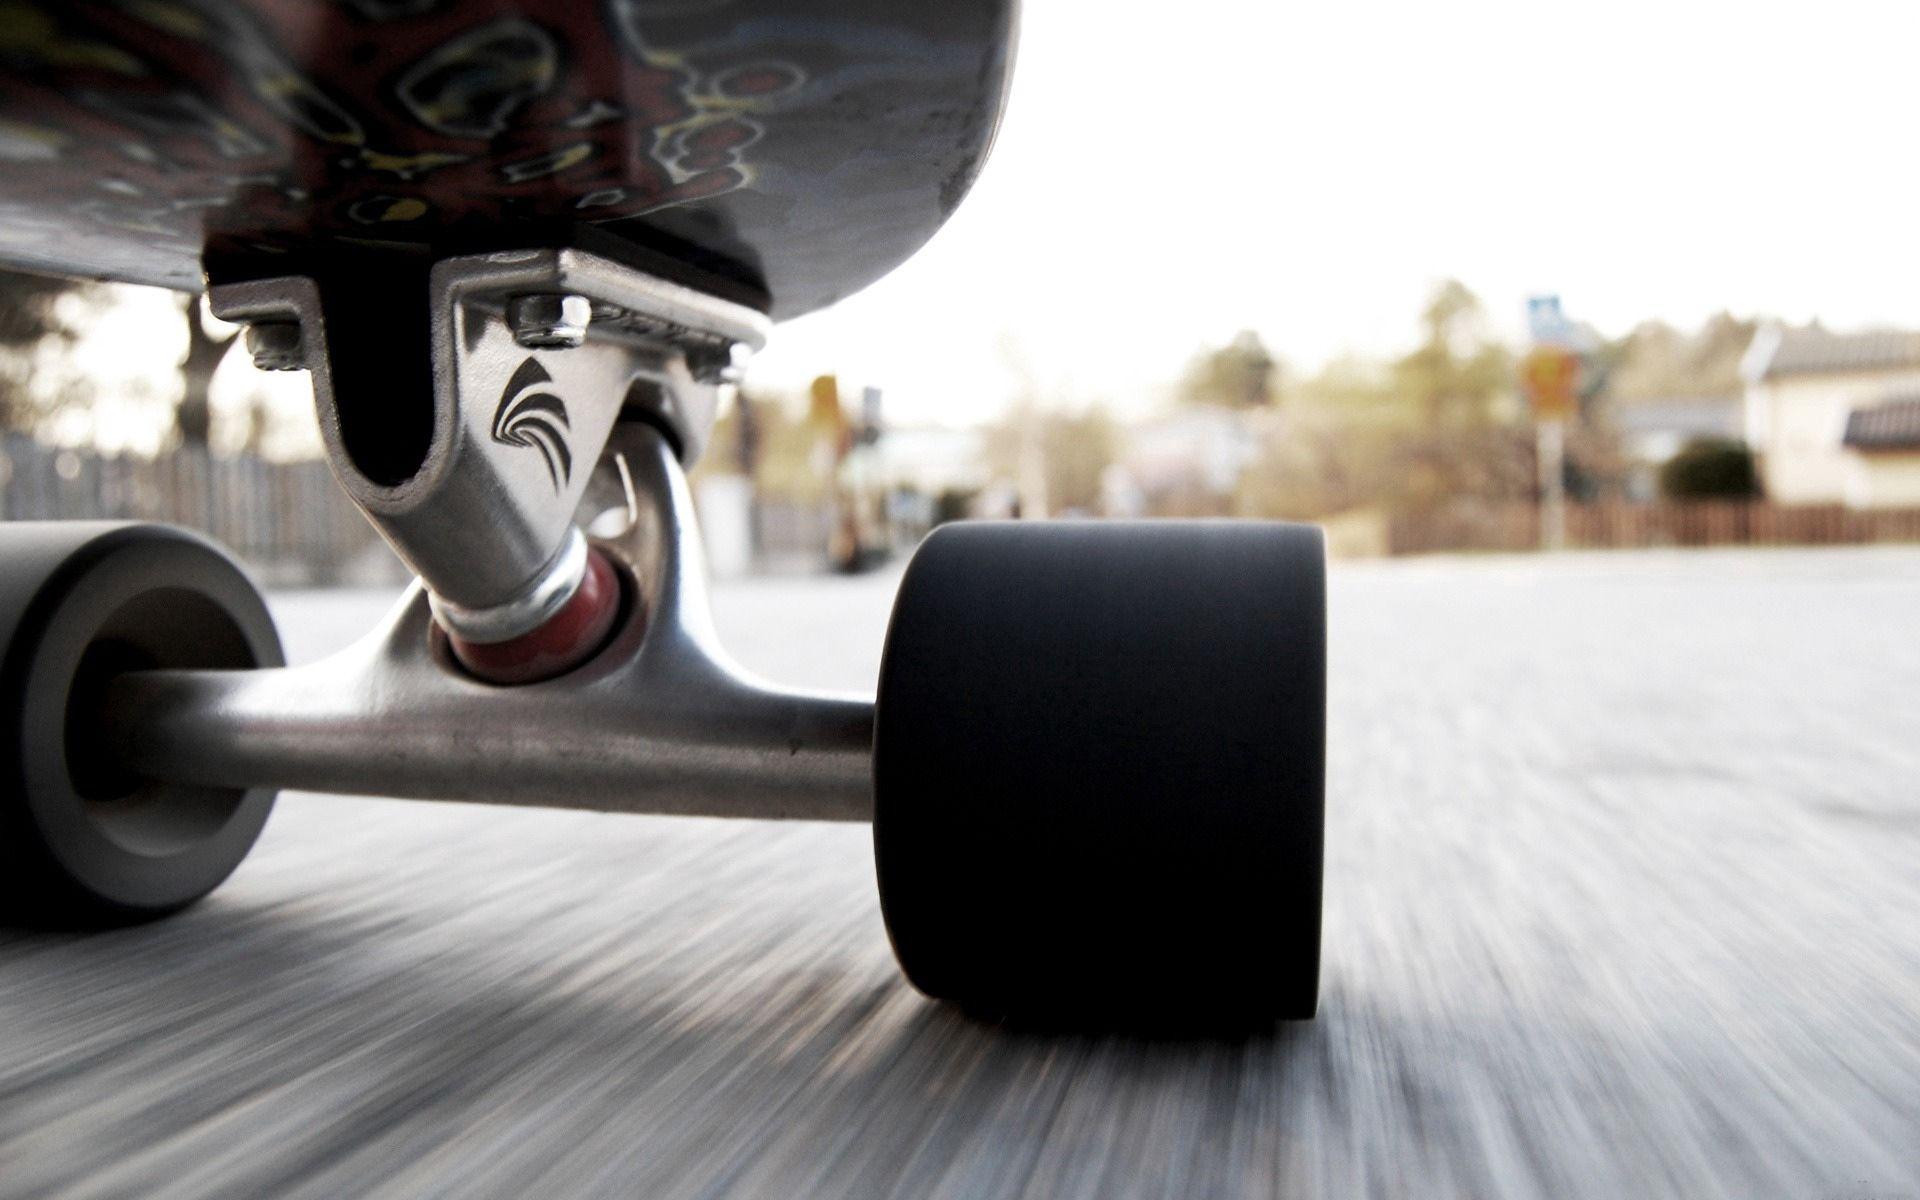 155133 скачать обои Скейтборд, Колесо, Спорт, Доска, Движение - заставки и картинки бесплатно